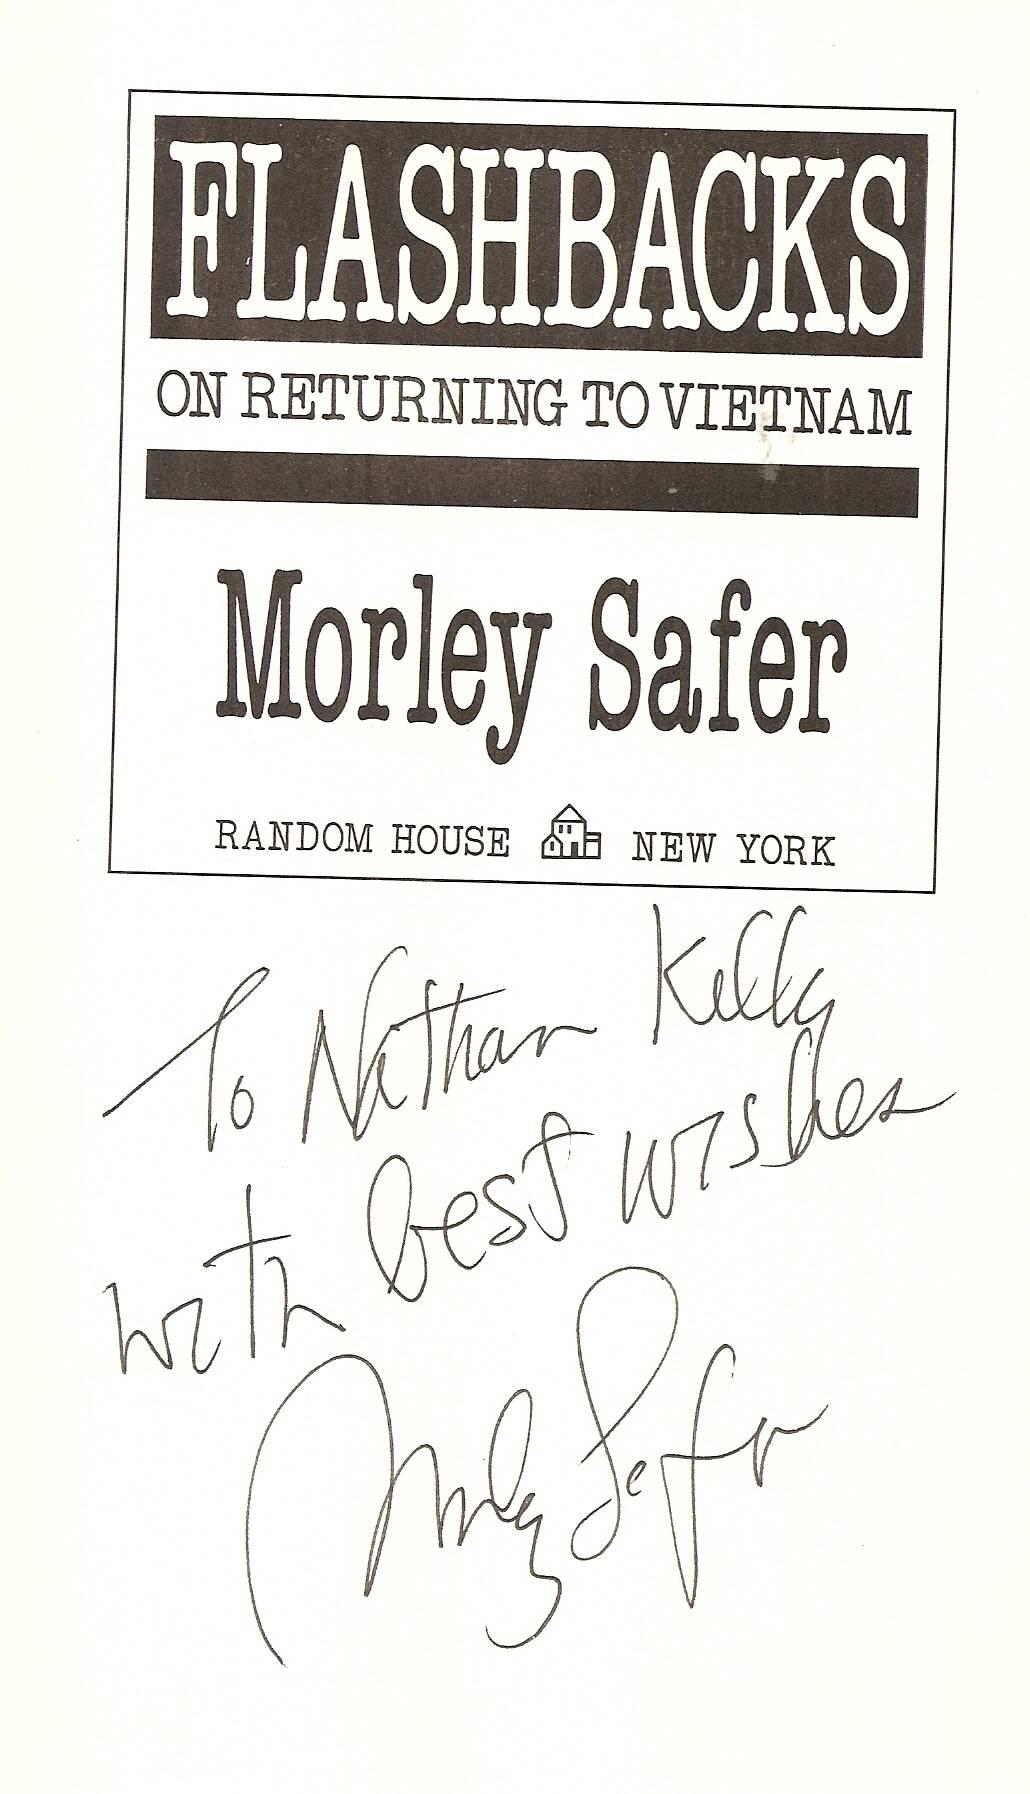 Morley Safer